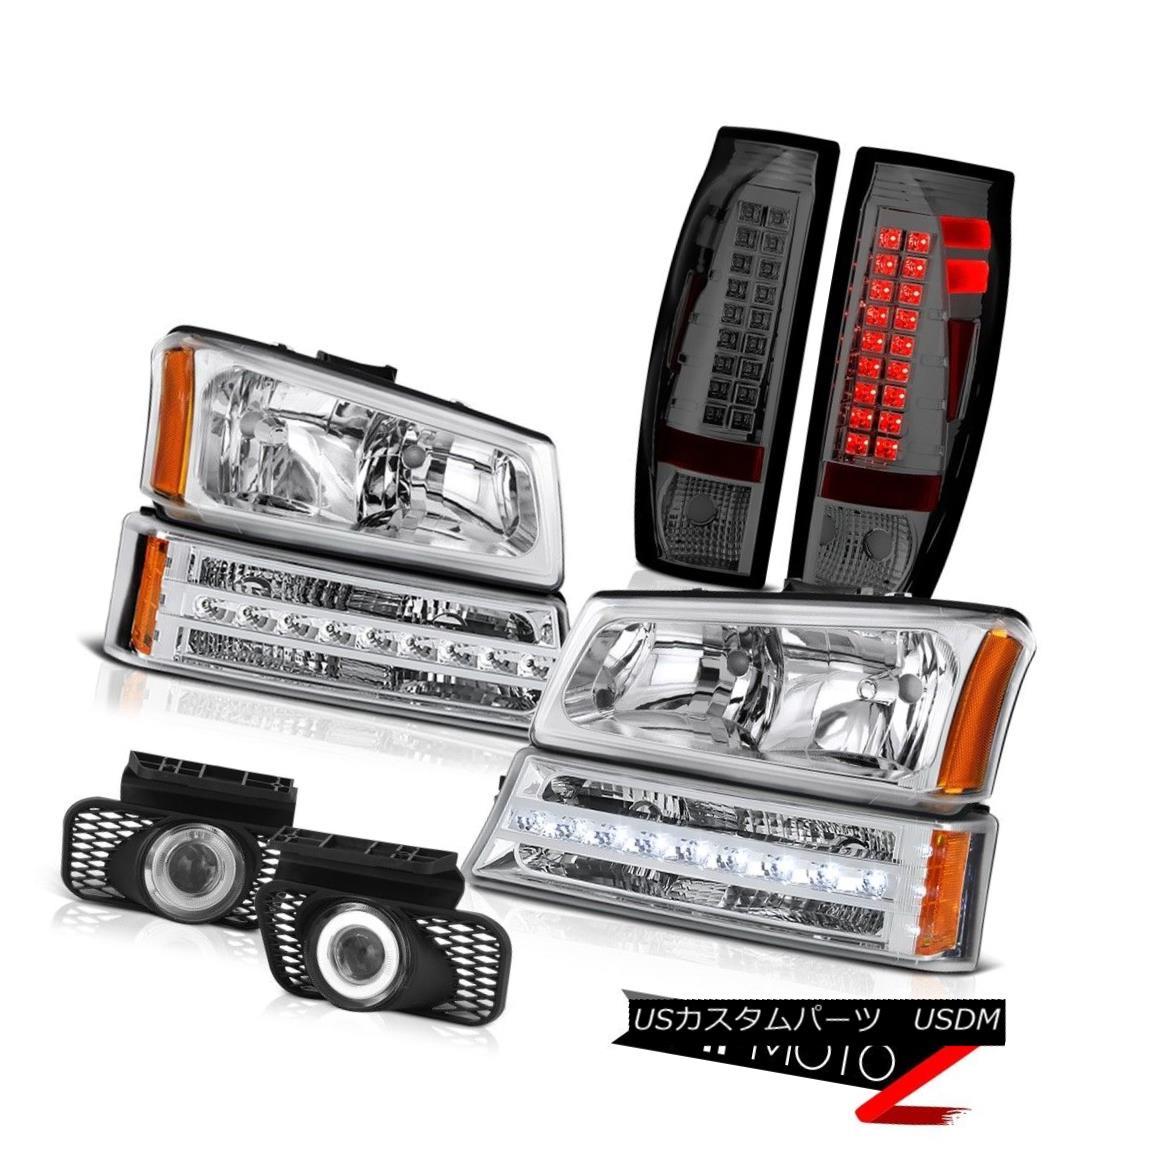 テールライト 03-06 Avalanche Fog Lamps Smoked Tail Brake Bumper Light Headlights Projector 03-06アバランシェフォグランプスモークテールブレーキバンパーライトヘッドライトプロジェクター